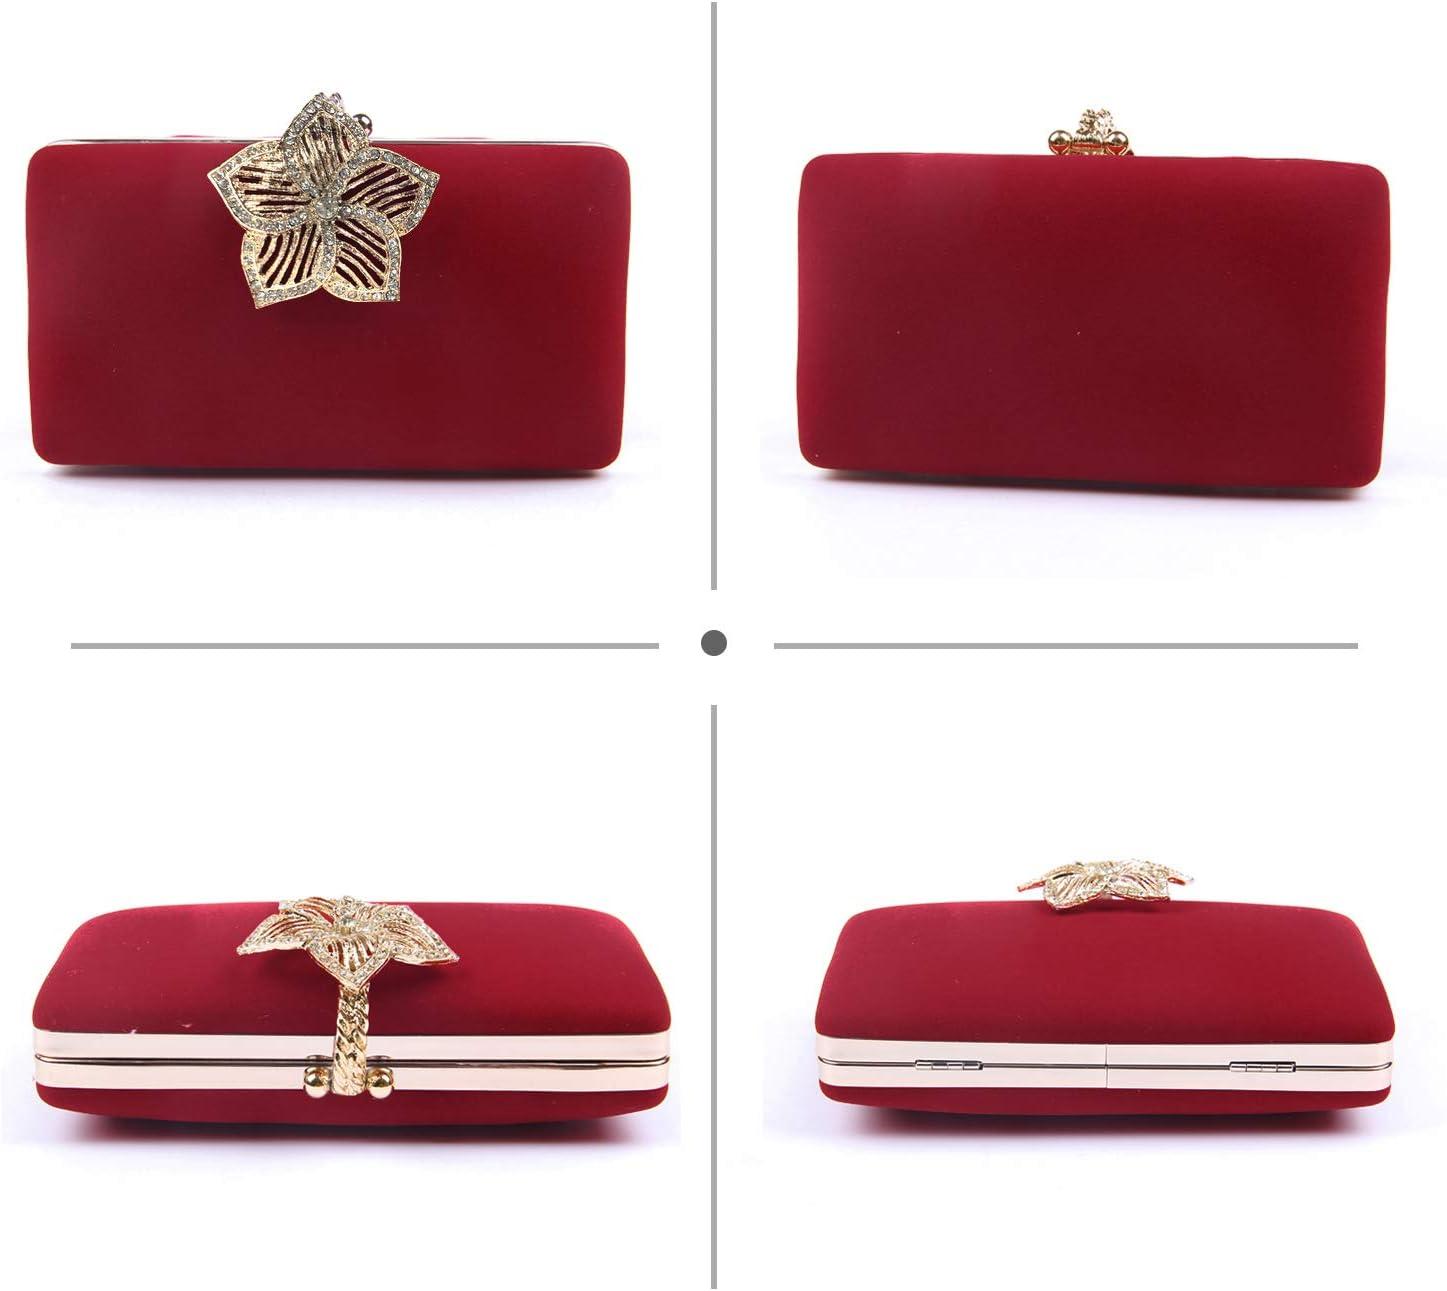 Jywmsc Femme Sac de Soir/ée de Mariage dembrayage Portefeuille Coque Cristal Diamant Sac /À Main pour Fille Rouge